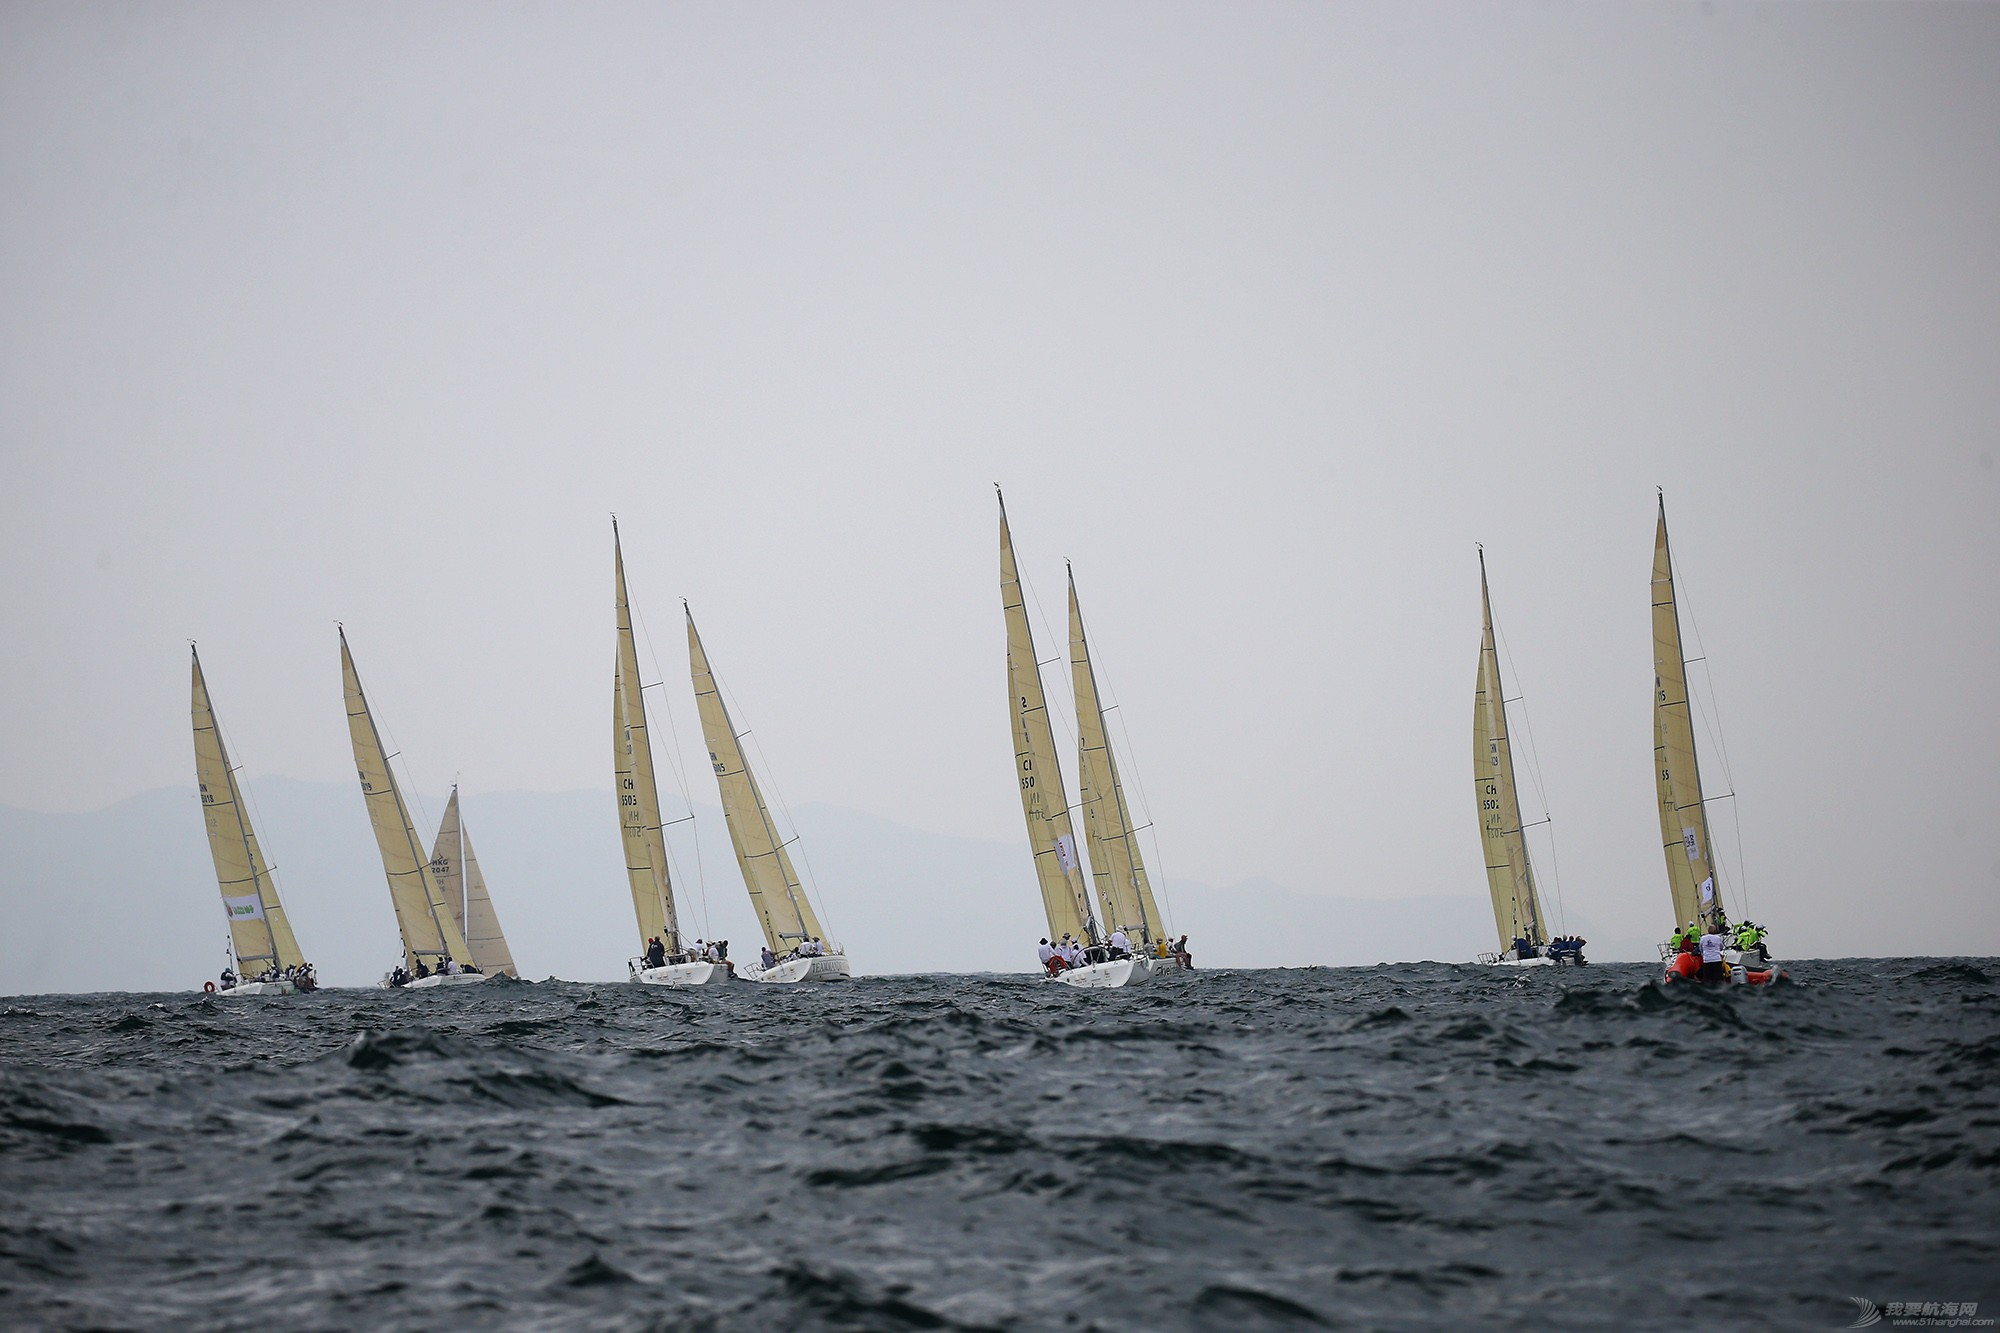 中国 中国杯帆船赛第三日——无风不起浪,雨中见刀枪 E78W6606.JPG